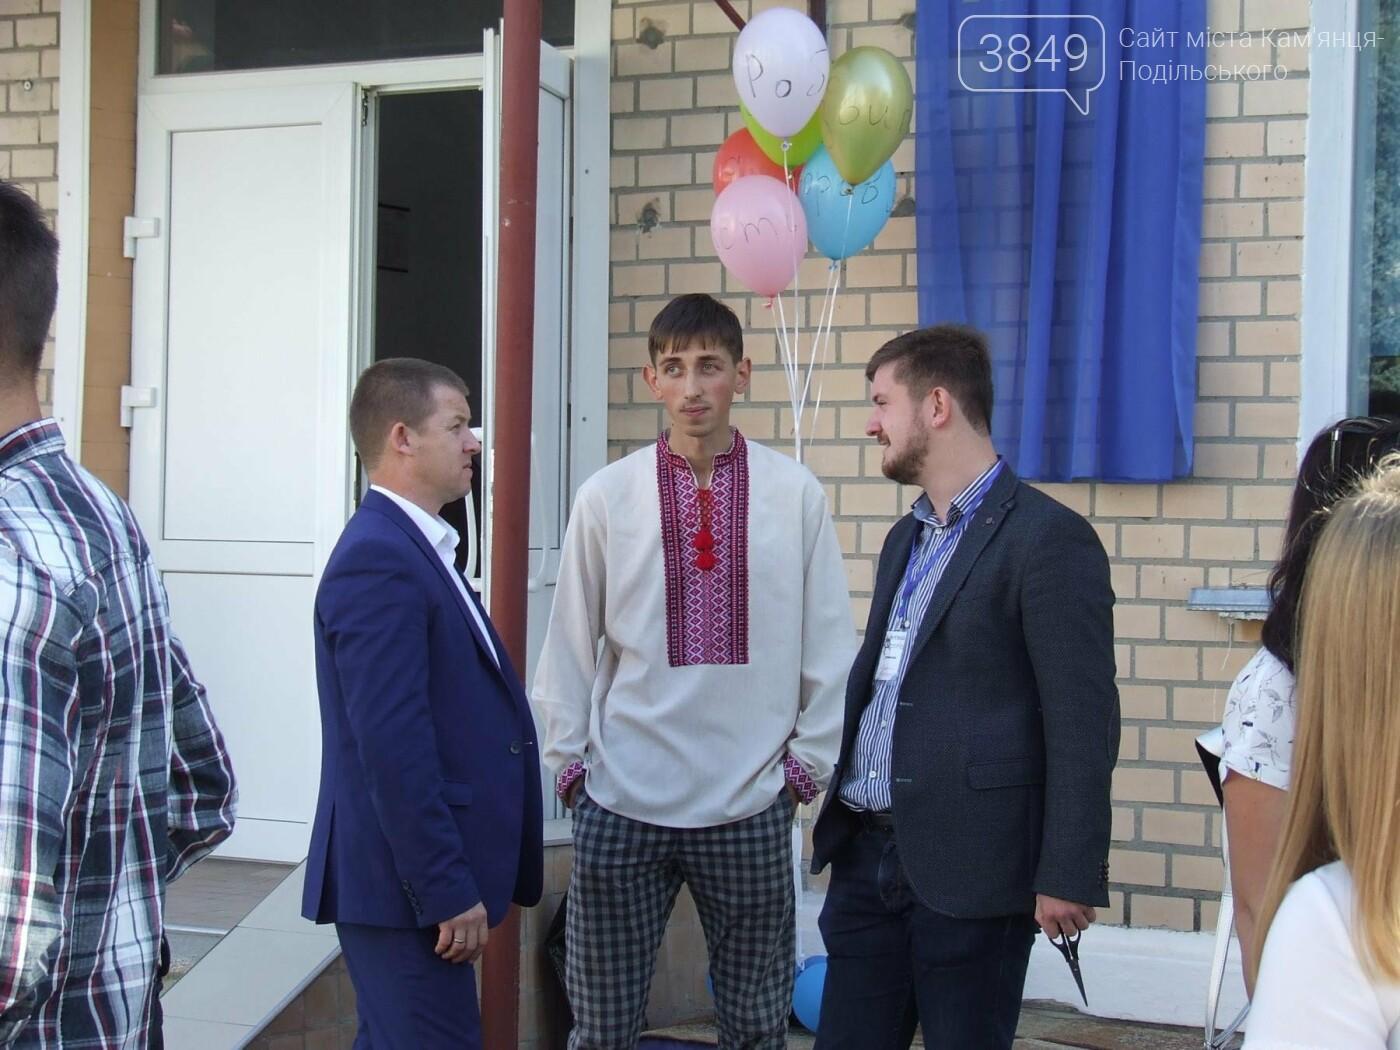 """У Кам'янці відбулося урочисте відкриття молодіжного центру """"ЛаVка"""", фото-9"""